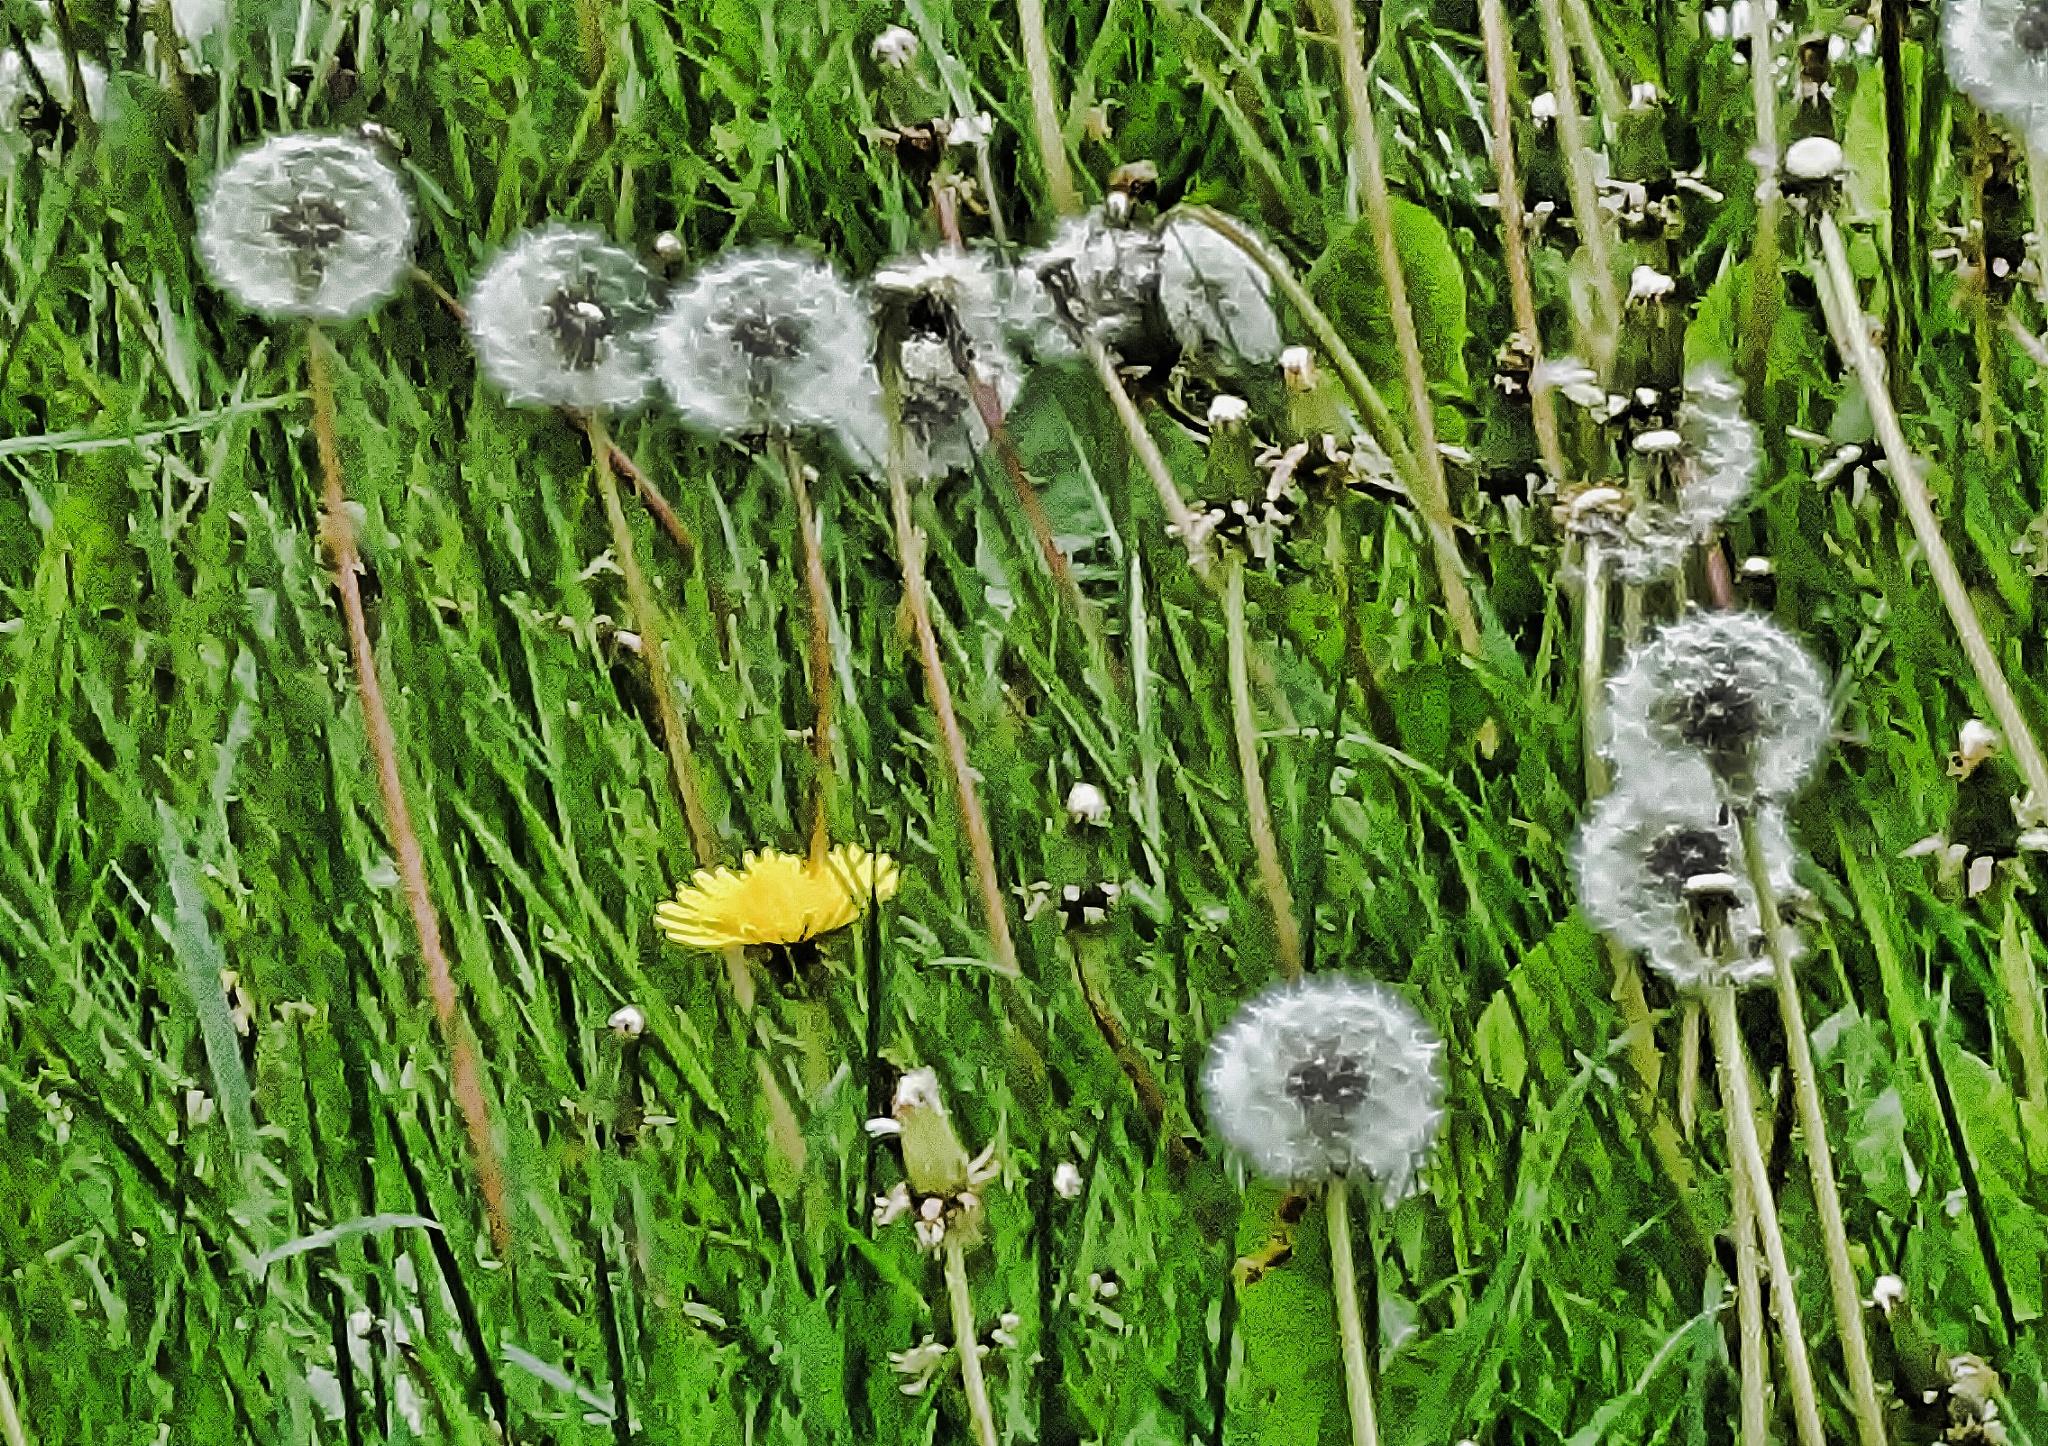 Dandelion clocks and flower by Sallyw